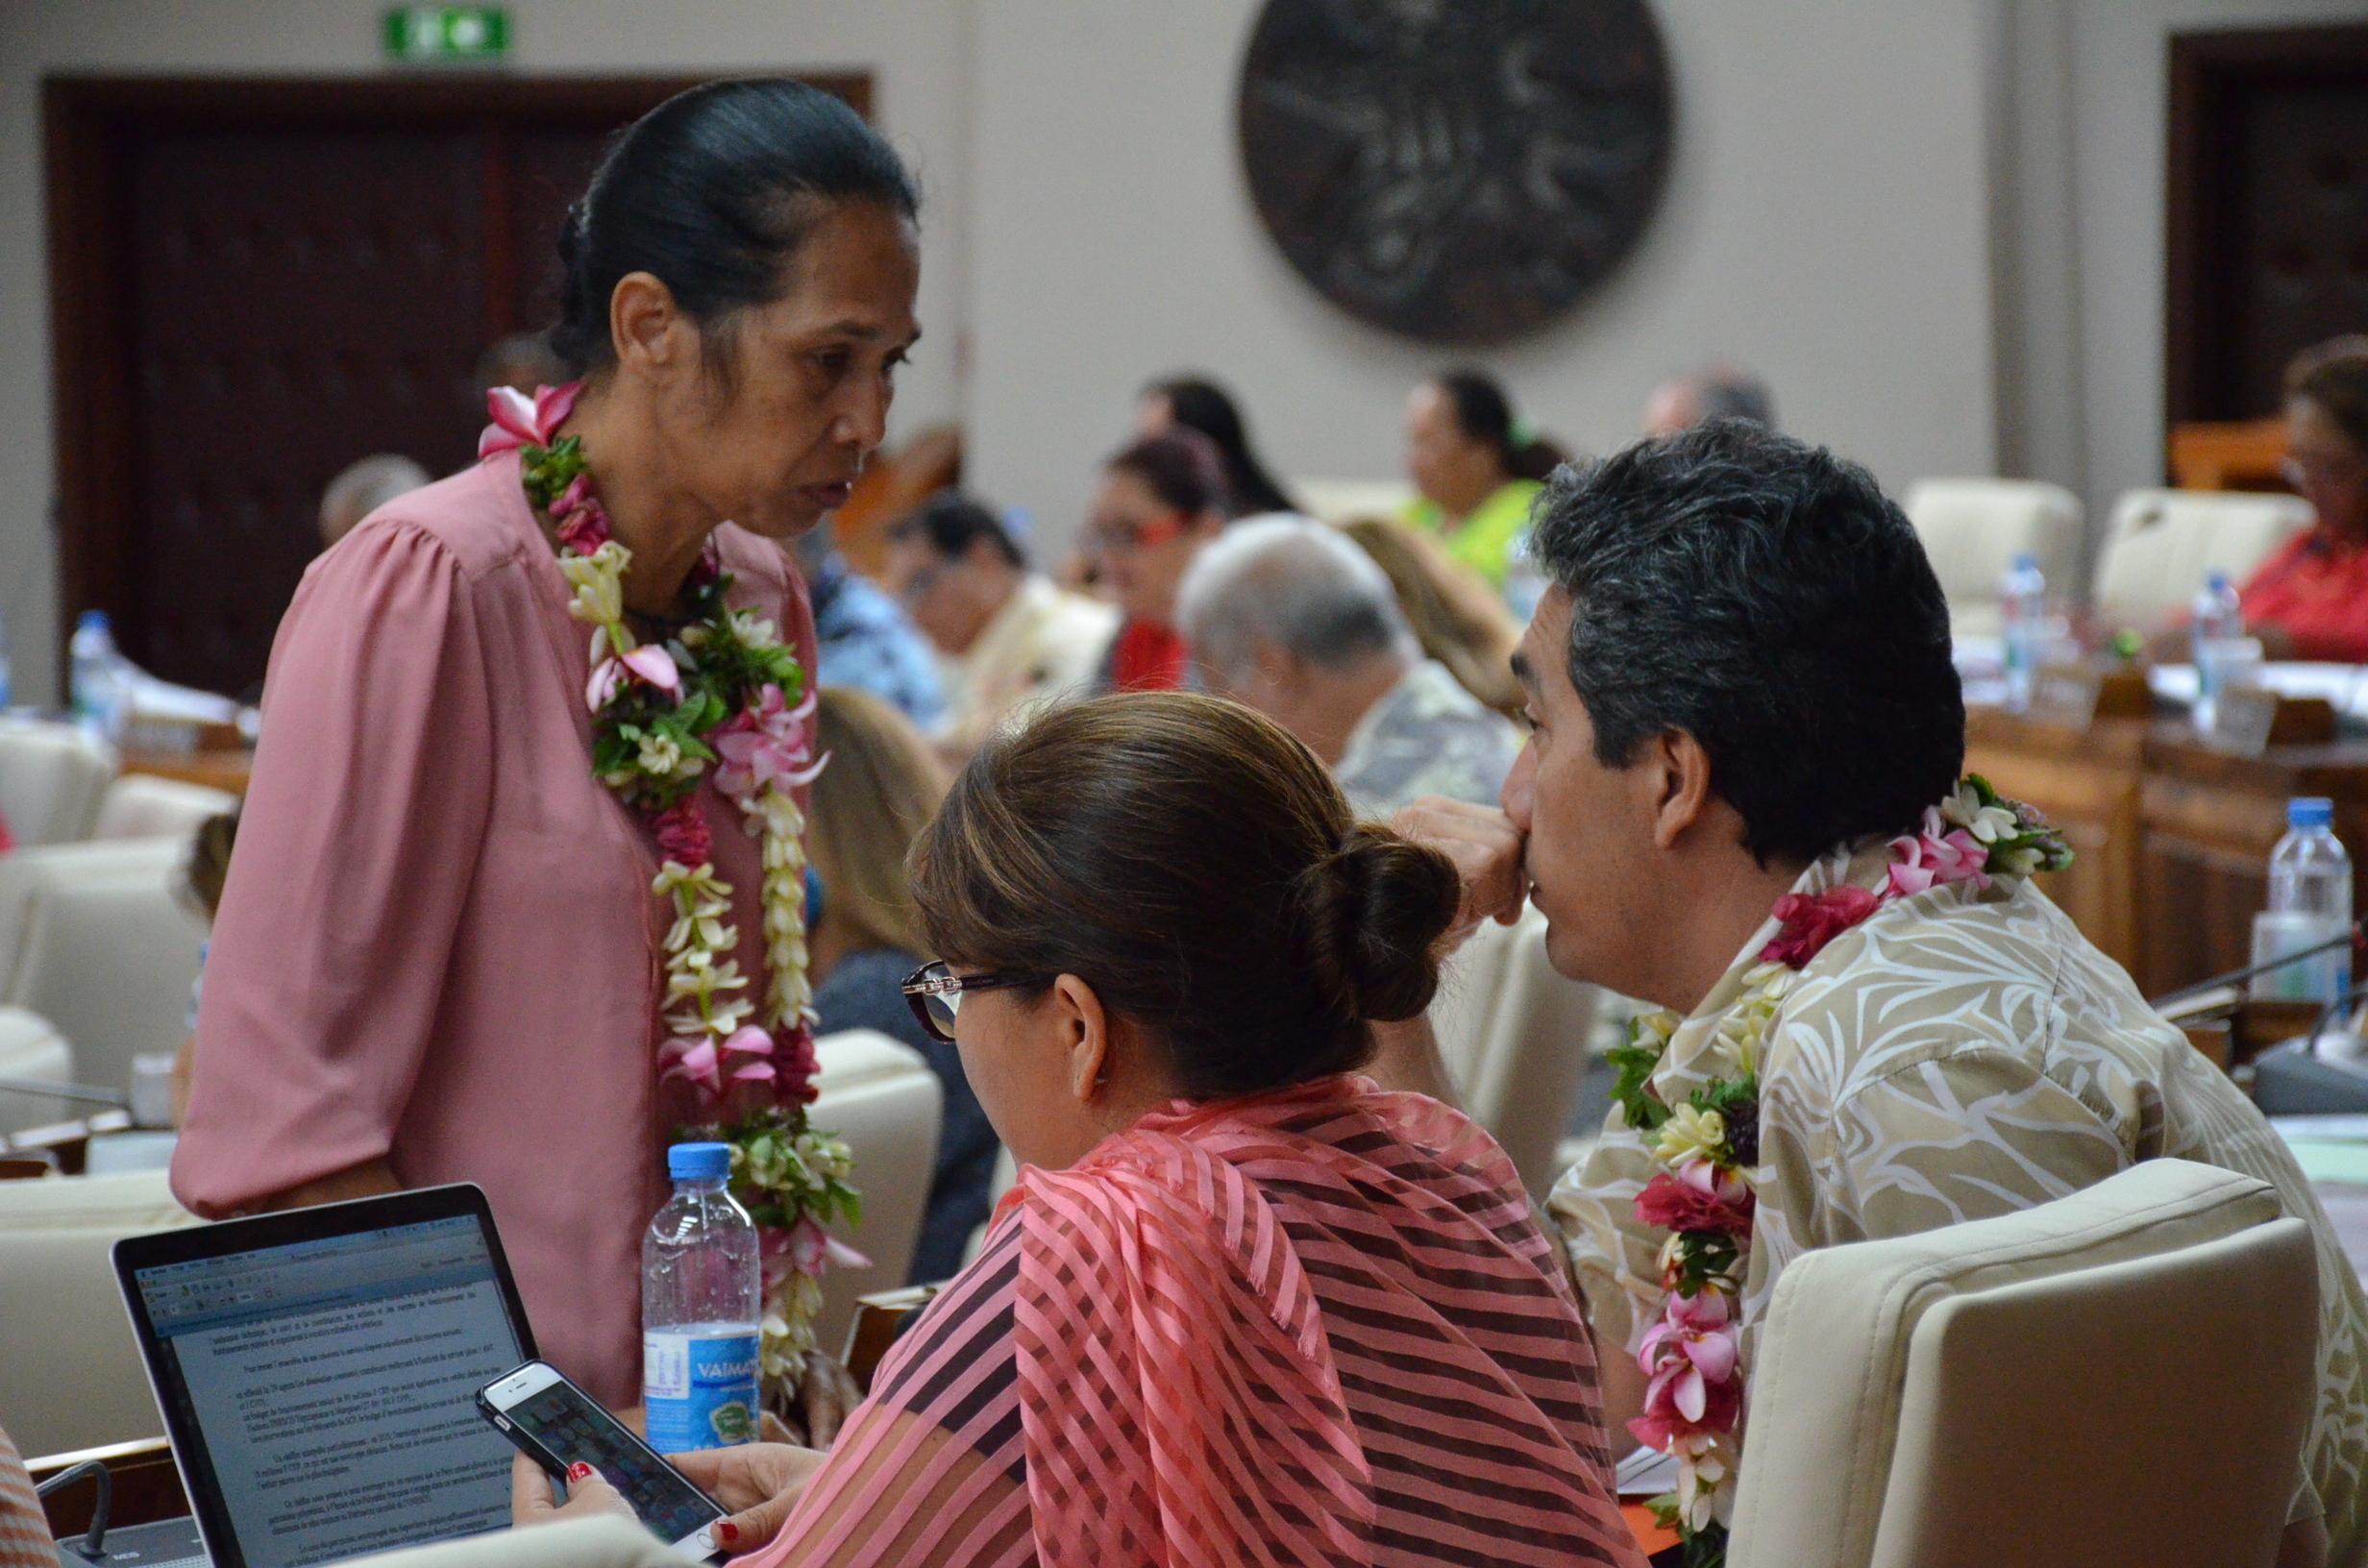 Teura Iriti, présidente du groupe Tahoera'a et Marcel Tuihani, rapporteur jeudi de la proposition de délibération pour la création d'une commission chargée d'enquêter sur l'évolution de la fiscalité et sur la réforme du système de protection sociale polynésien.